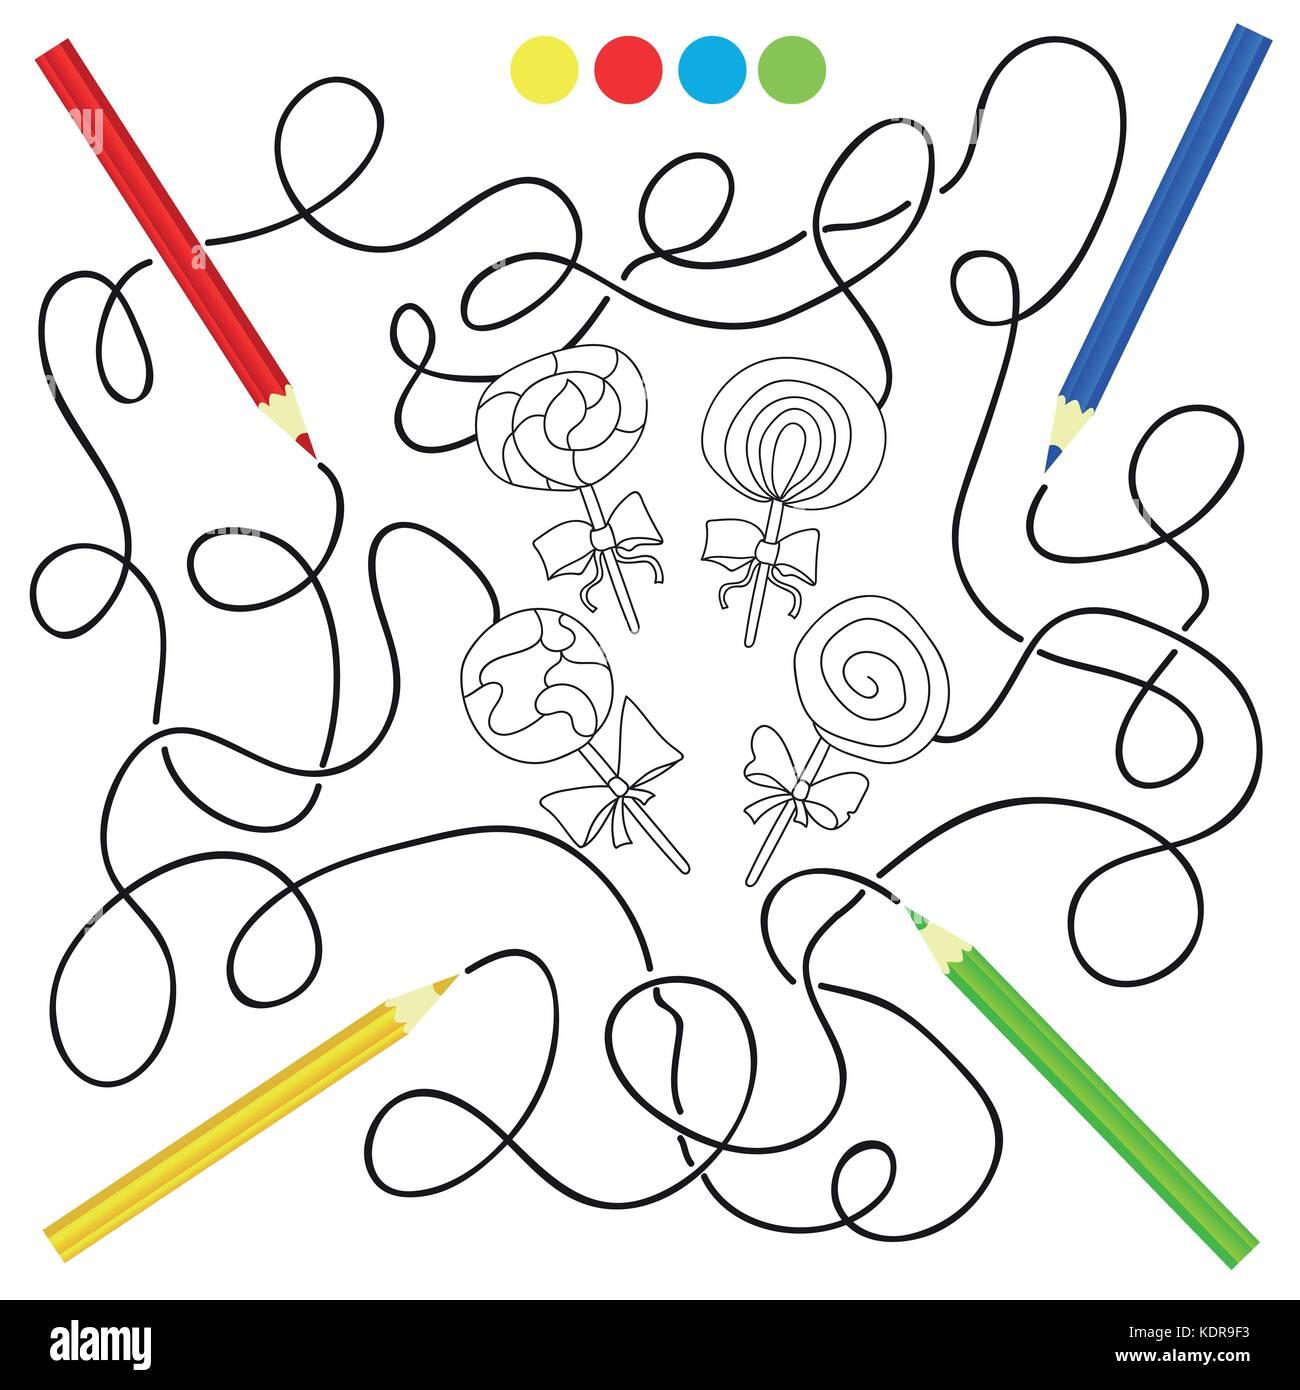 Blanco Y Negro Puzzle Lollipop Caramelo De Dibujos Animados Para